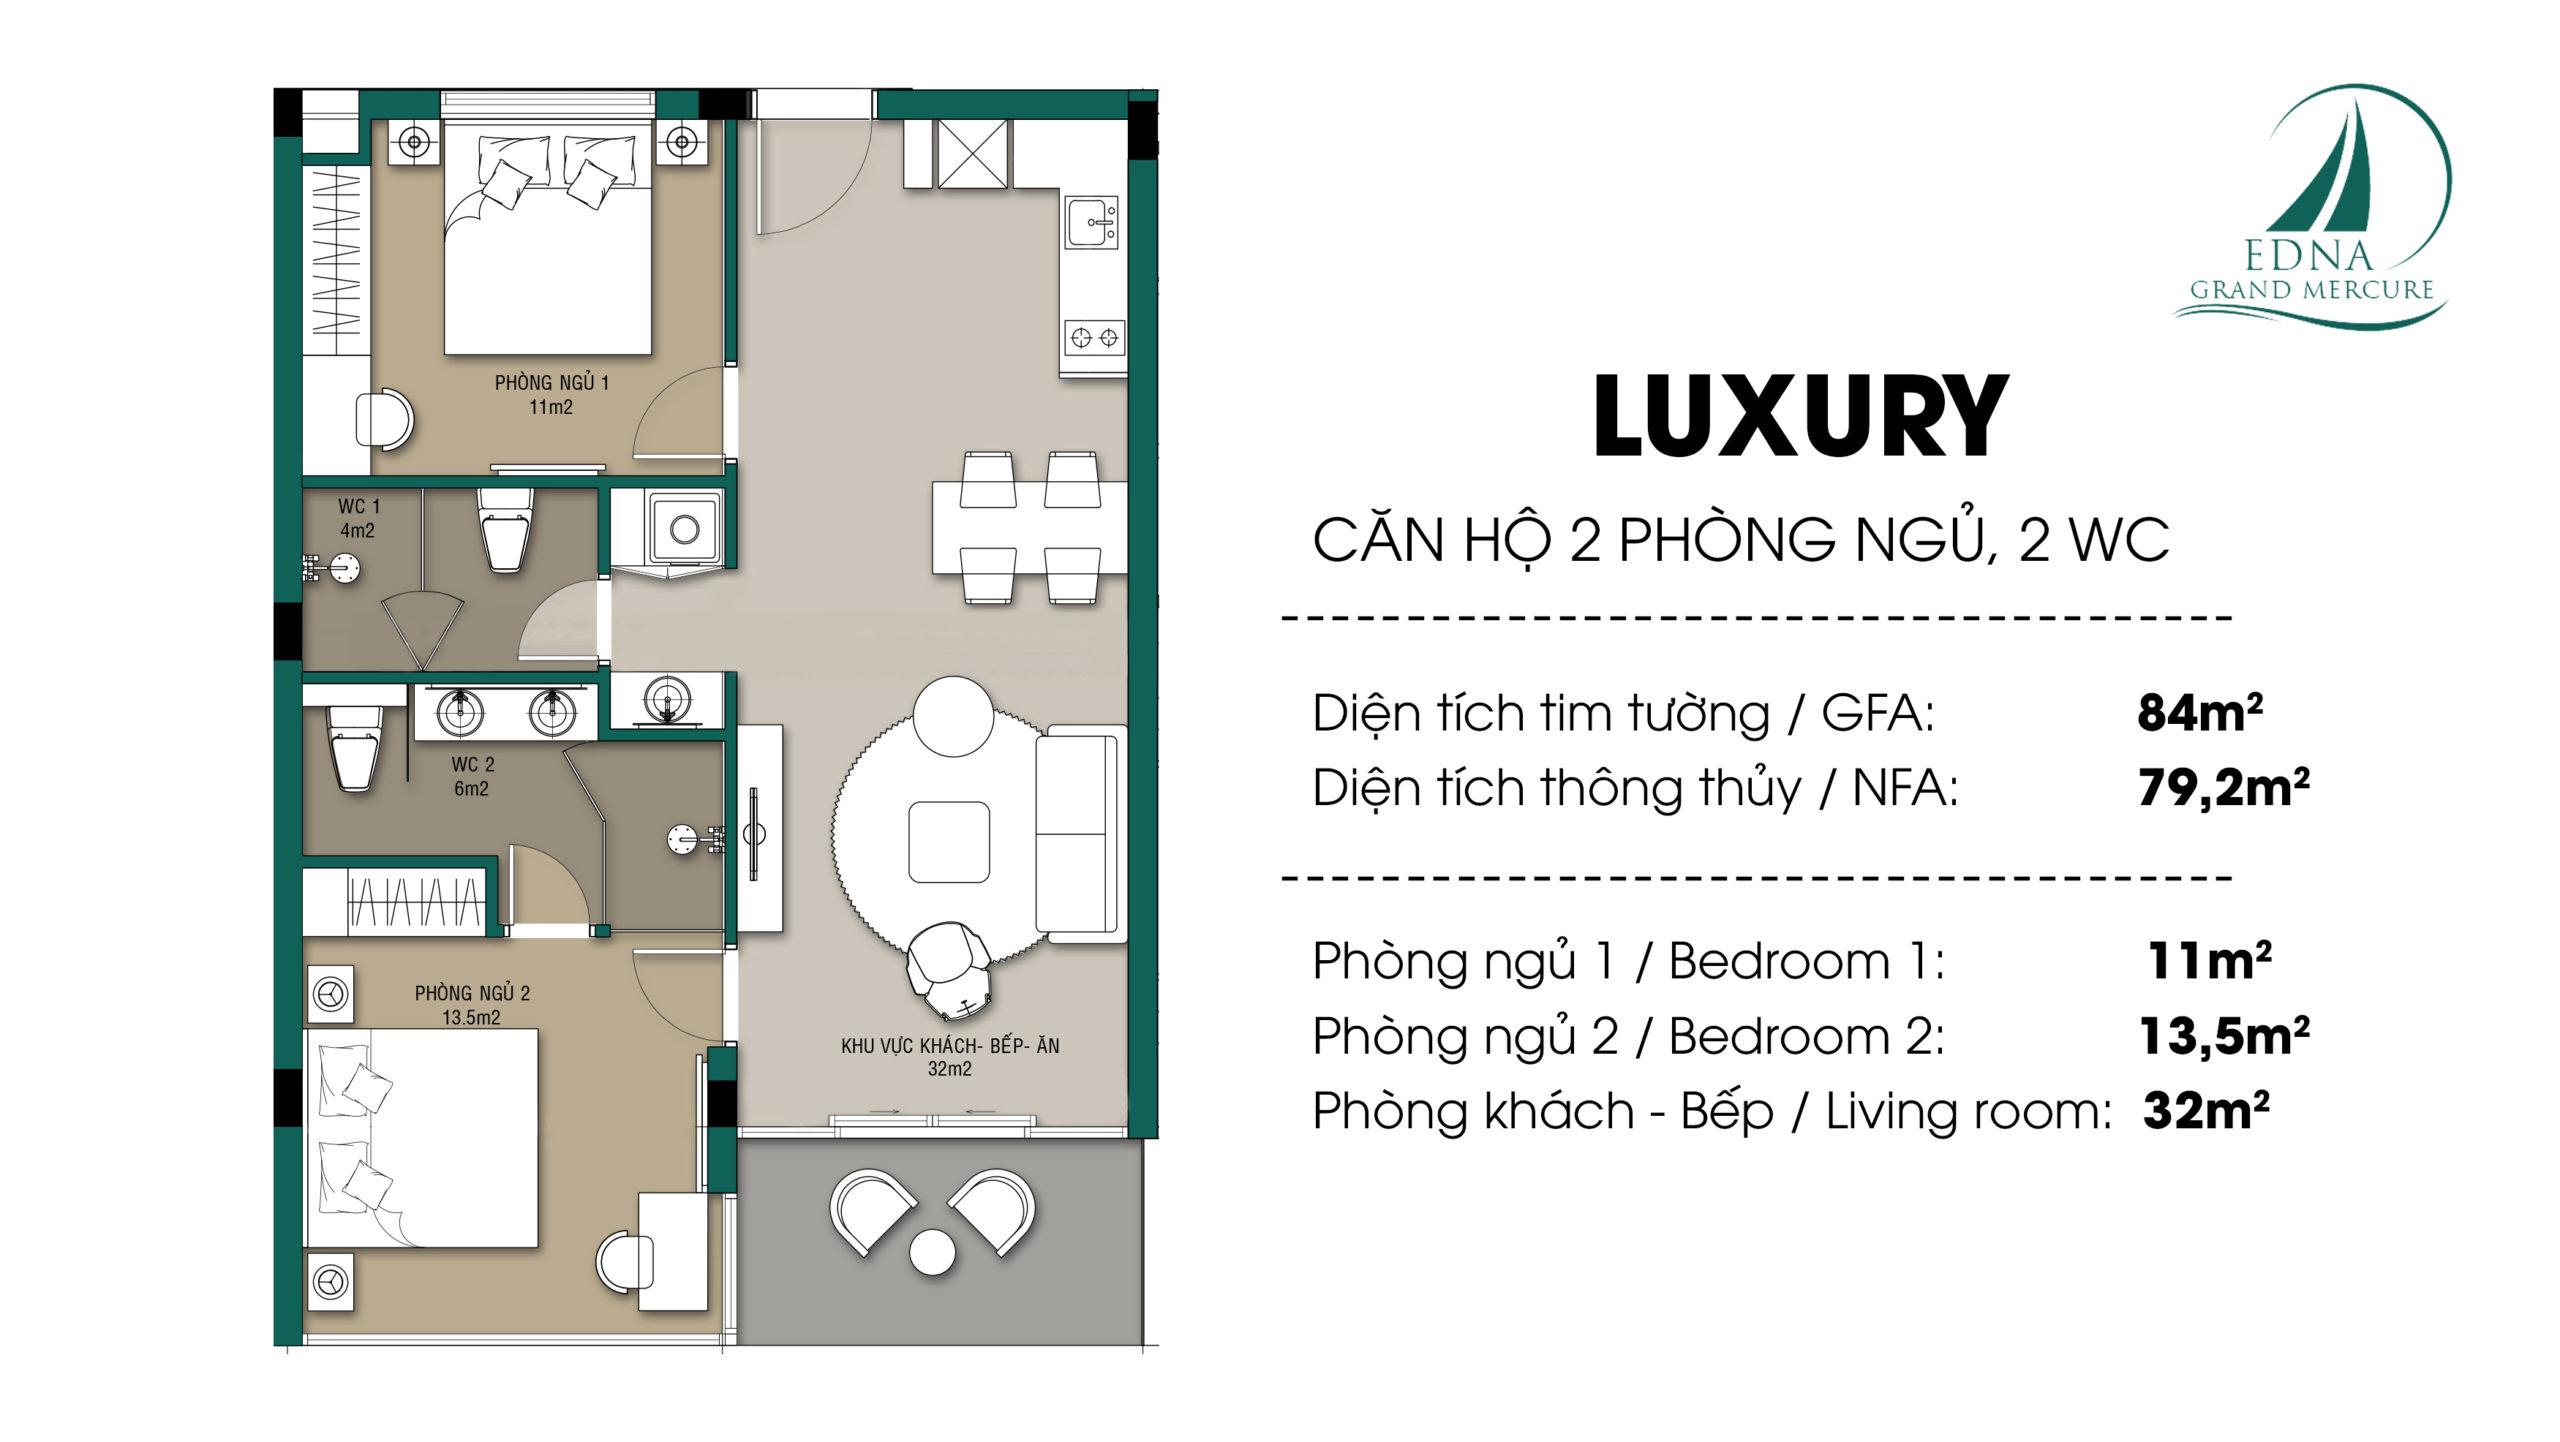 Thiết kế dự án căn hộ nghỉ dưỡng Grand Mercure Phan Thiếtg Grand Mercure Phan Thiết